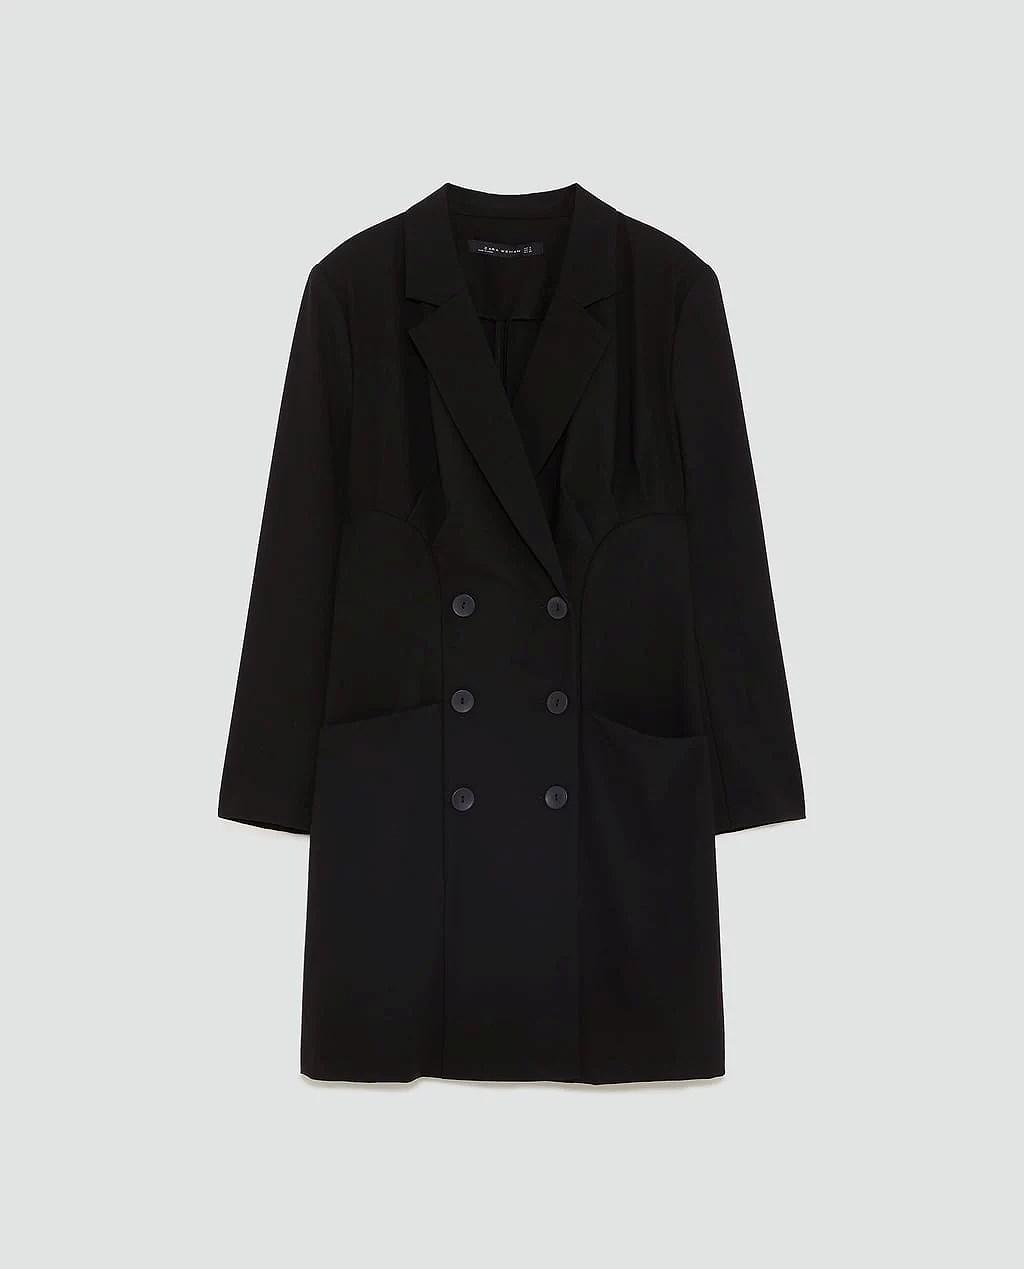 Black favorites from Zara